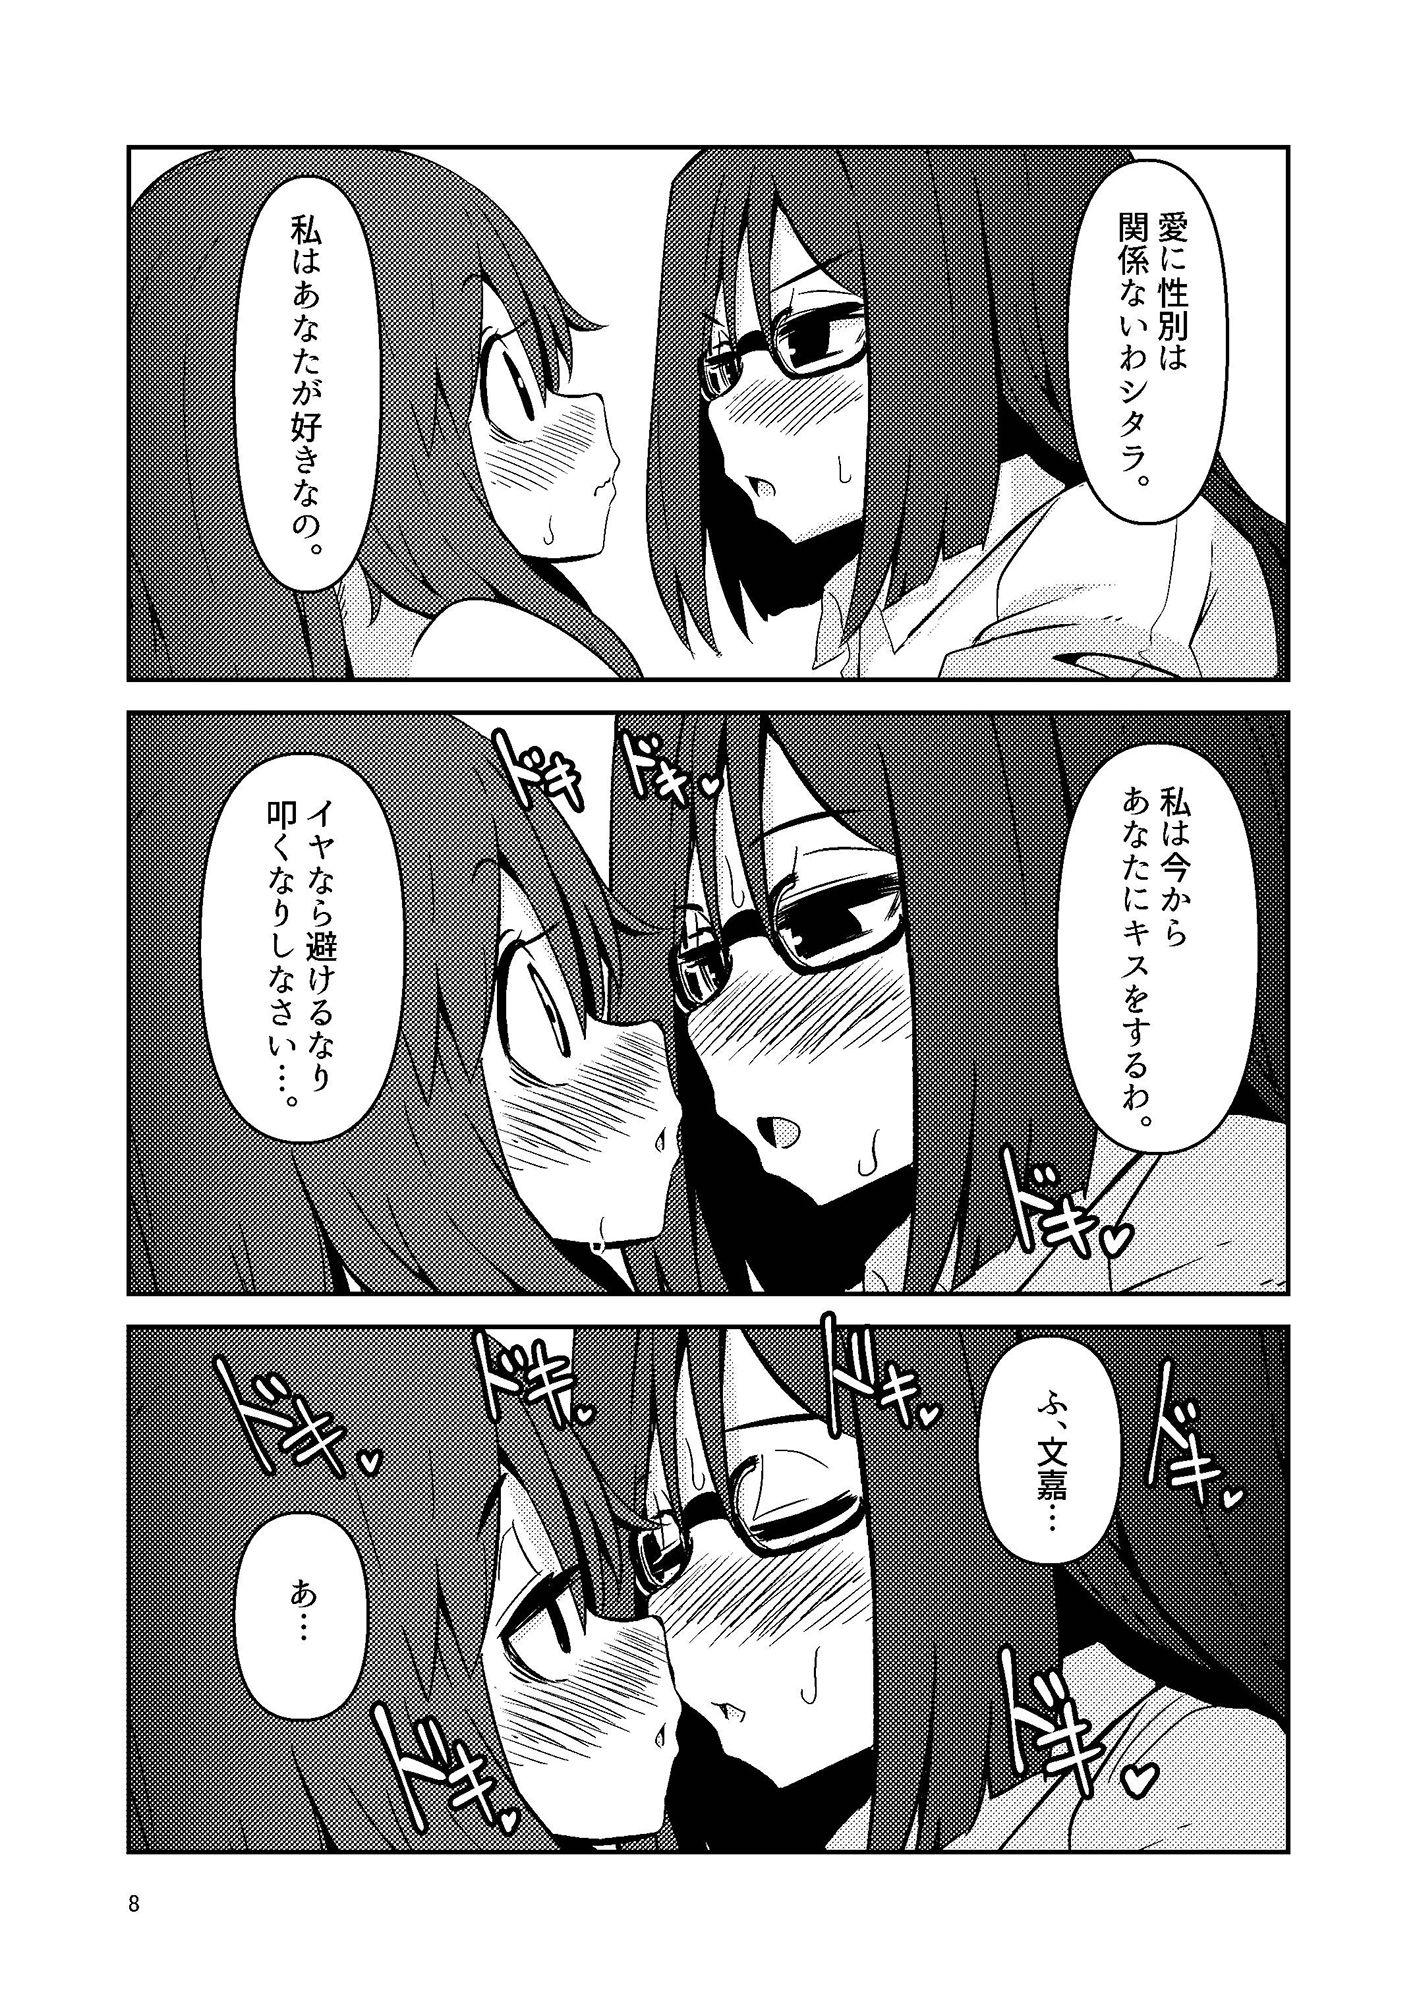 文嘉の股間にヴァリアントMFsが生えた話02-壊乱編-